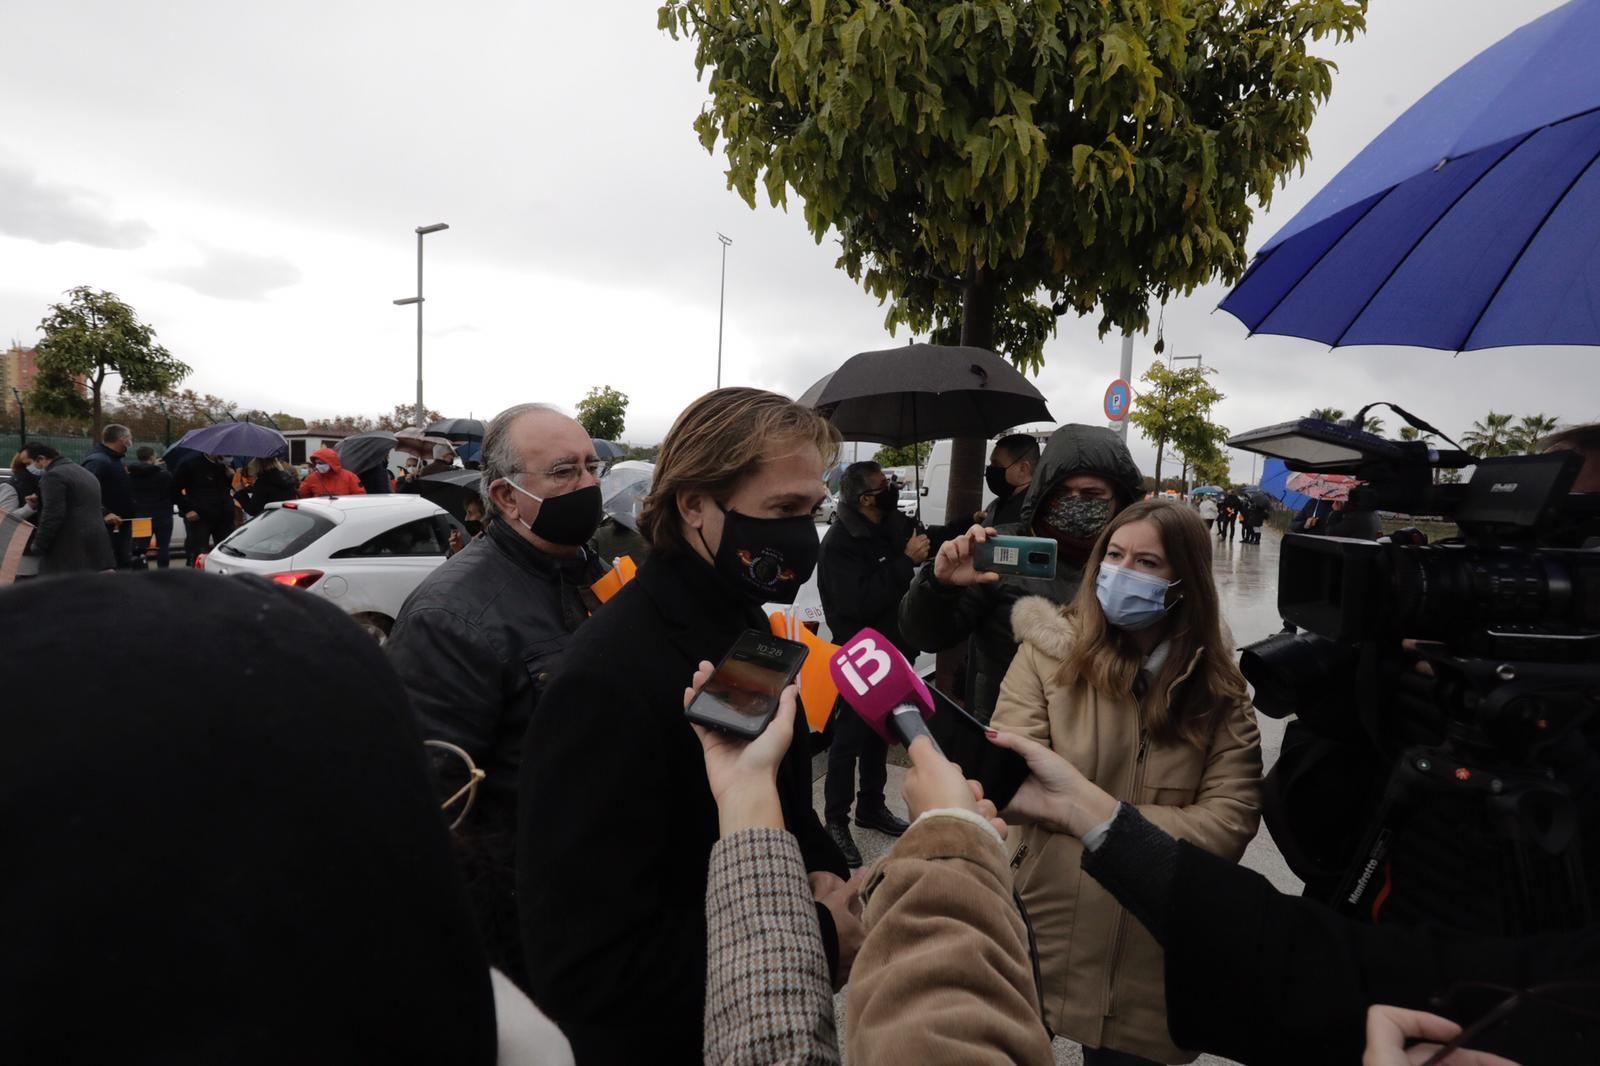 La 'marea naranja'  por la enseñanza concertada se manifiesta en coche por las calles de Palma